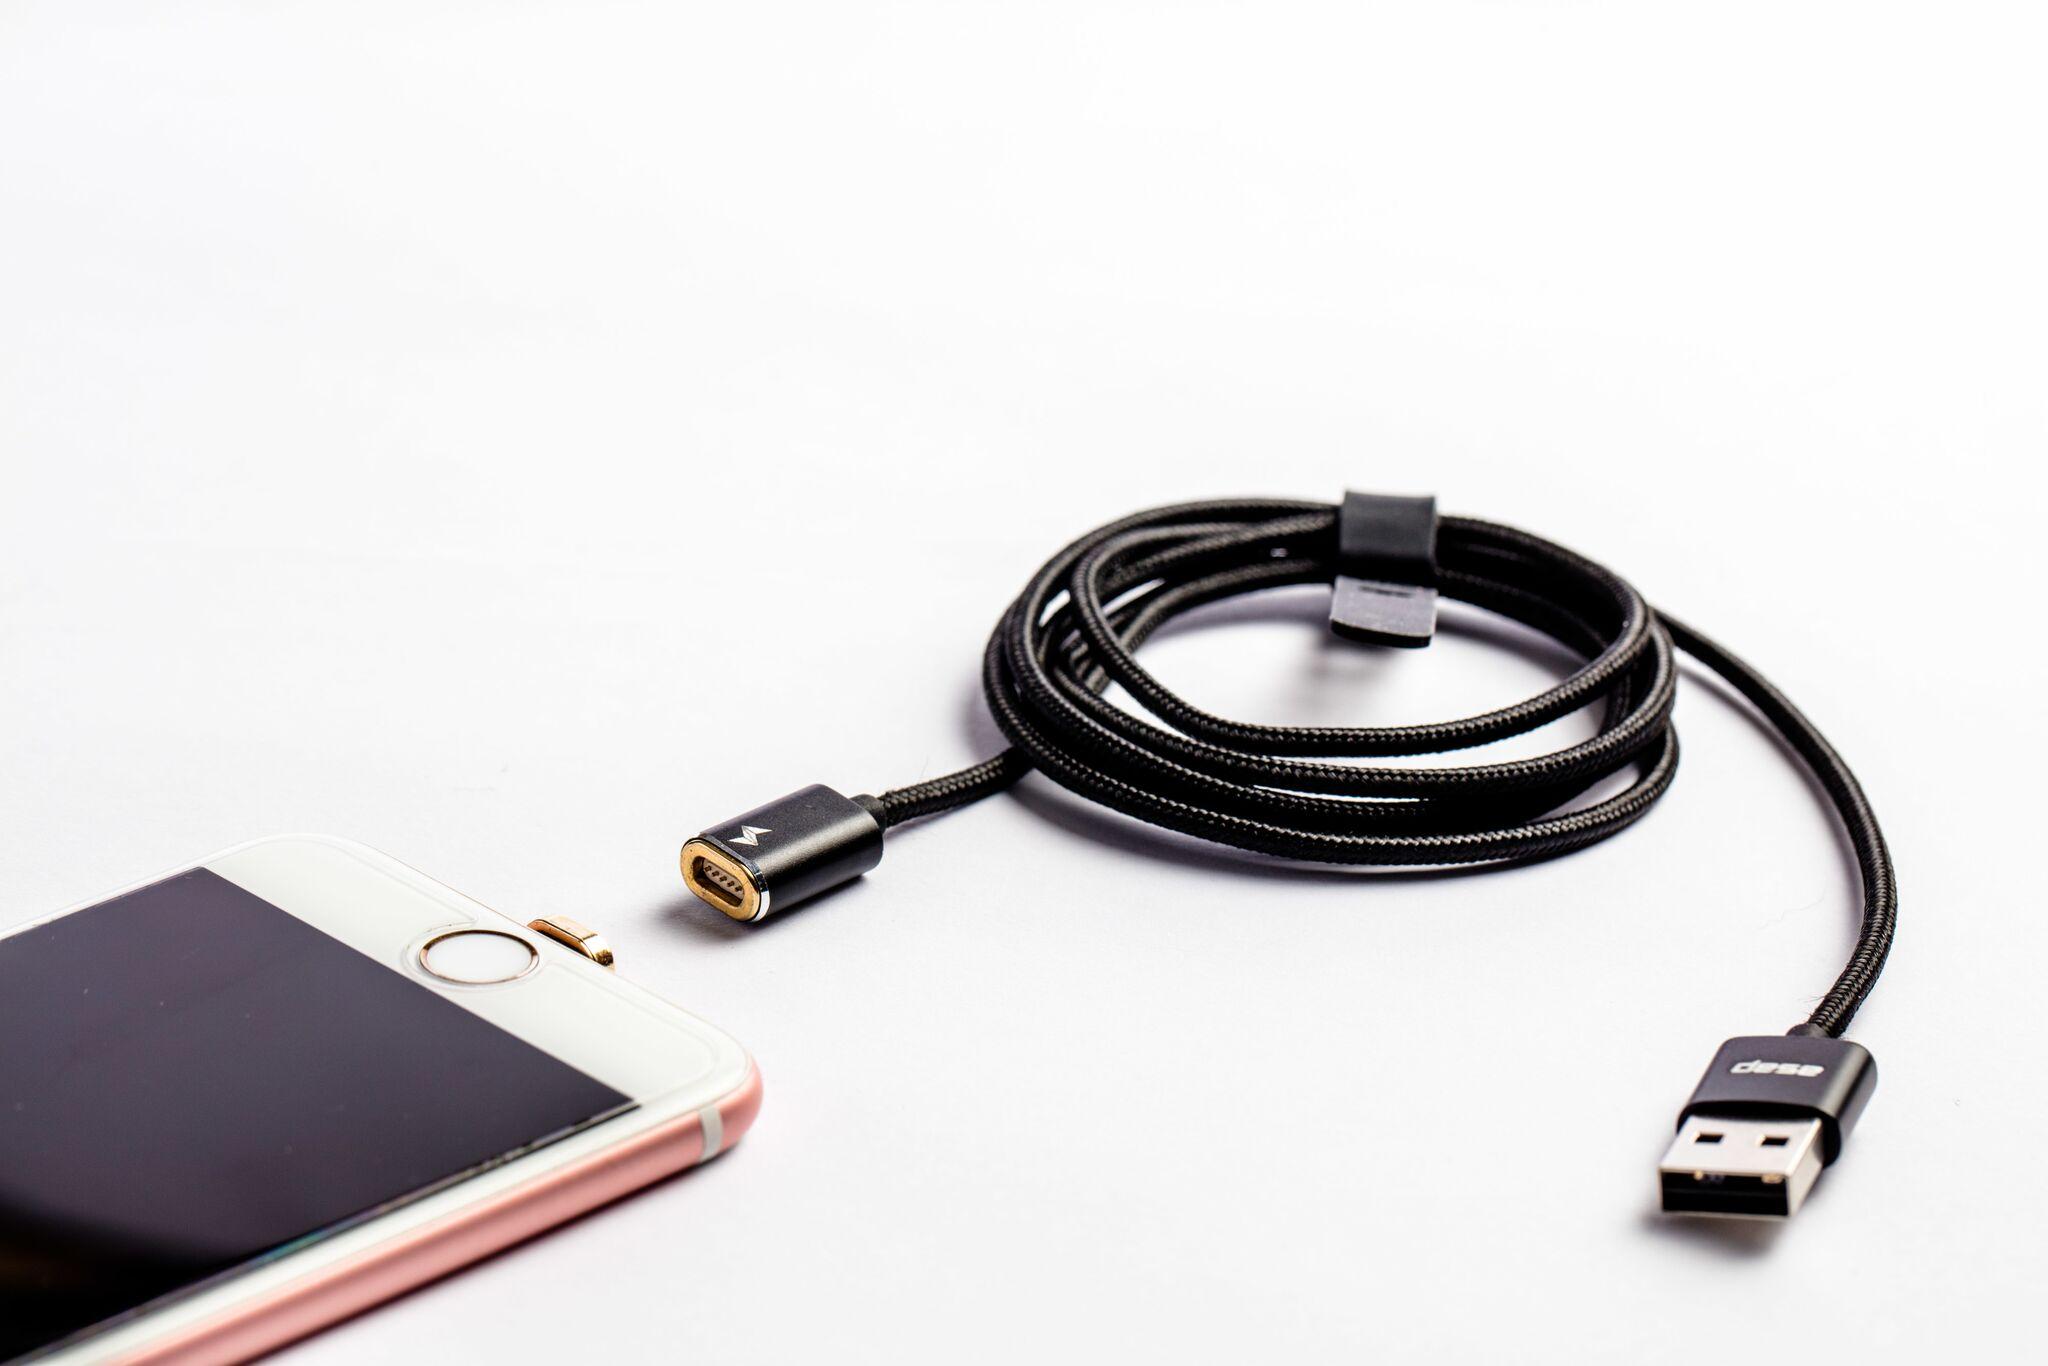 スマホ充電が驚くほど楽になる!次世代 マグネット式充電ケーブル 「asap X-Connect」